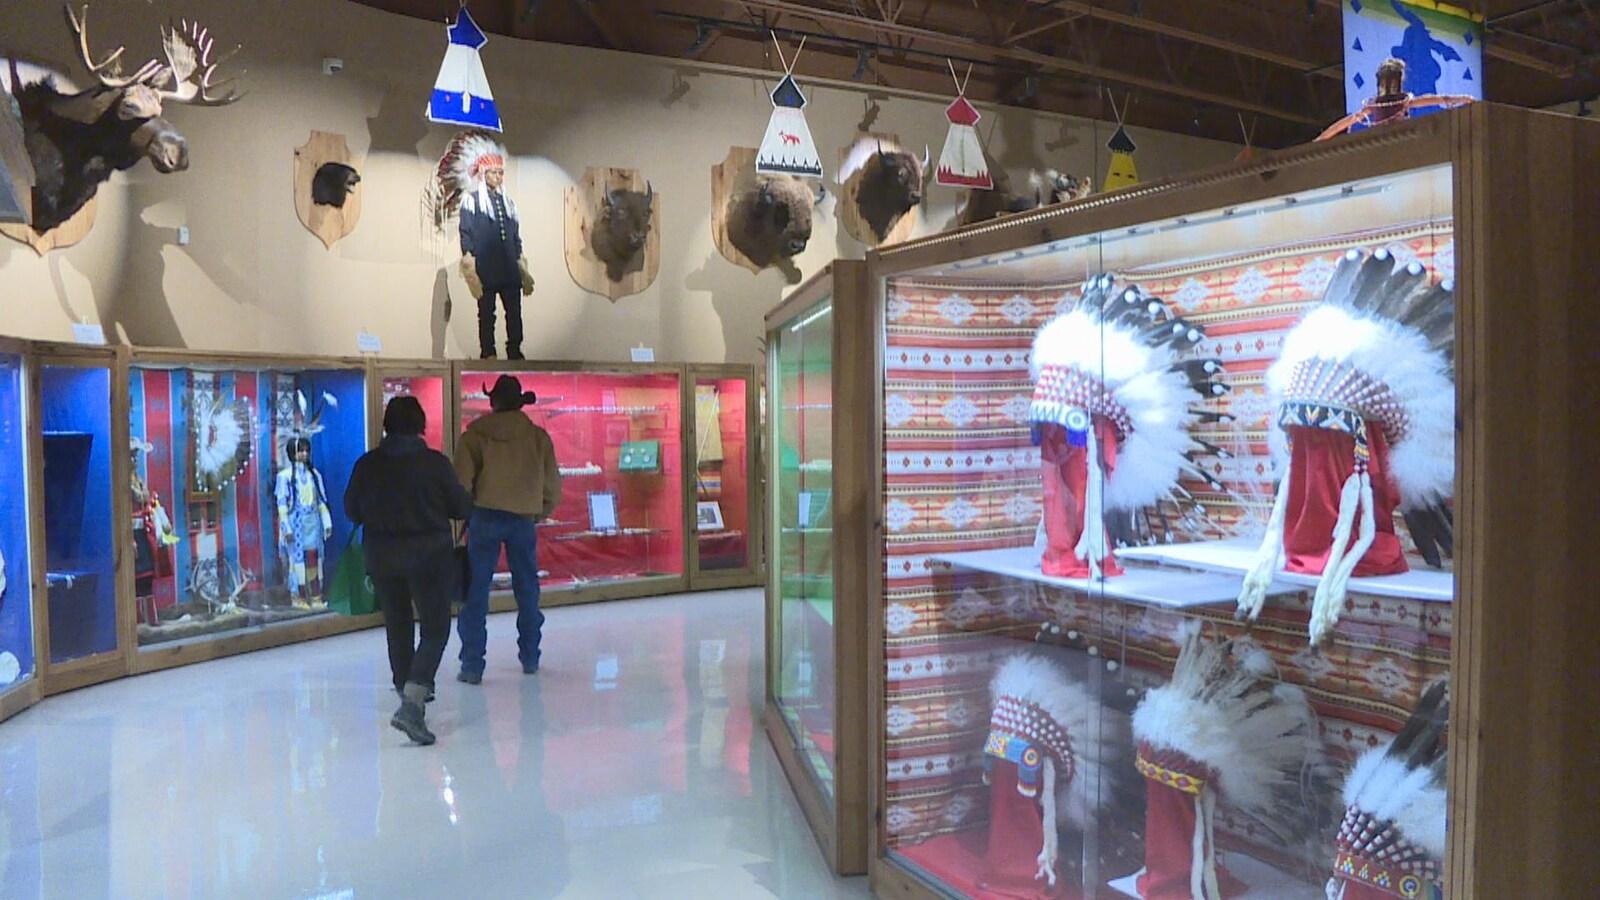 Deux hommes de dos explorent le musée. À droite, il y a des coiffures traditionnelles autochtones derrière des vitrines, à gauche, des vêtements traditionnels.